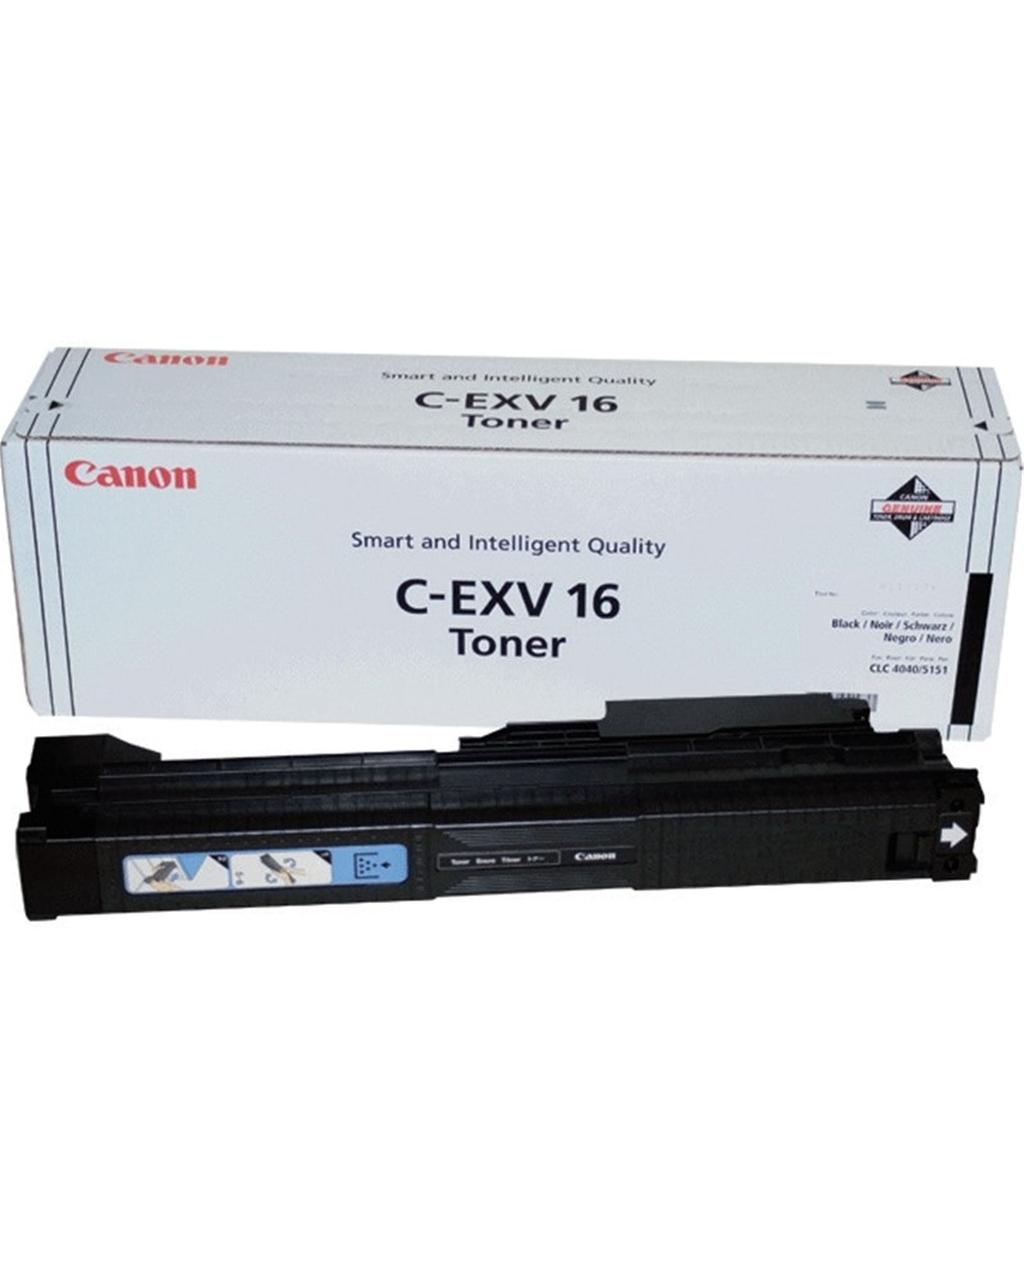 707M - Canon Lbp5000 Toner   - Magenta